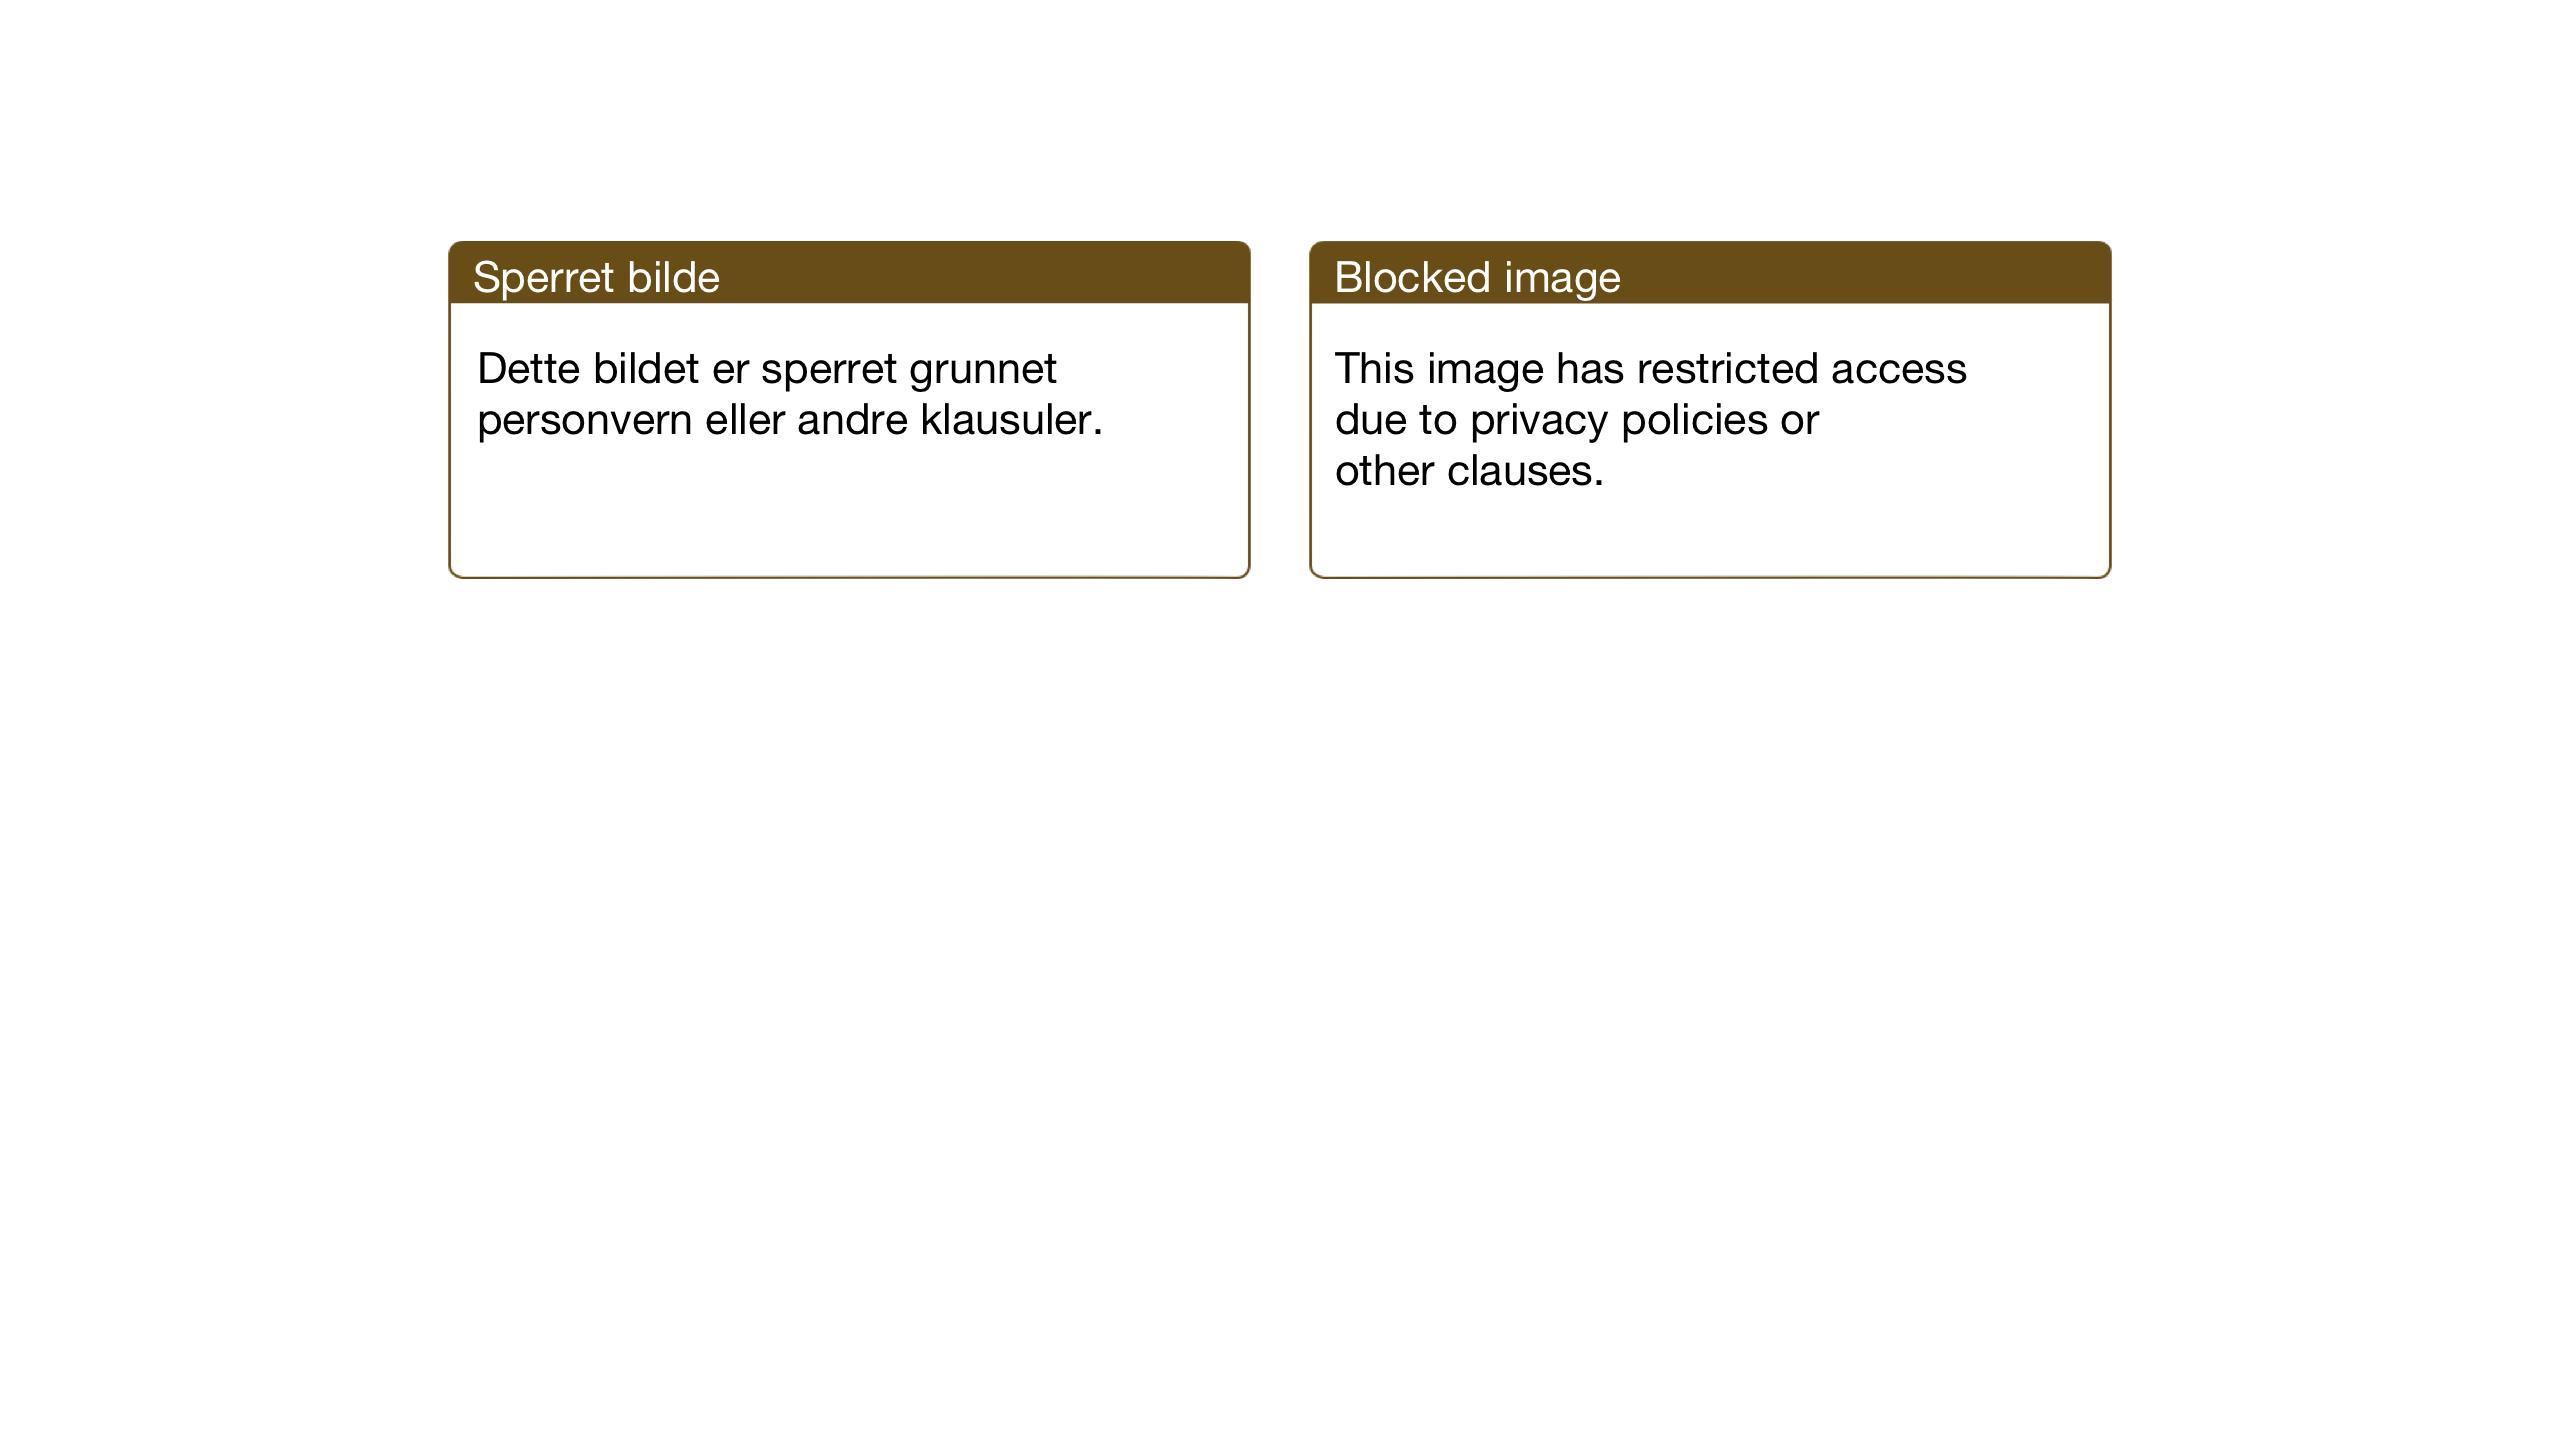 RA, Statspolitiet - Hovedkontoret / Osloavdelingen, C/Cl/L0022: Arkivboks: Løse dokumenter uttatt av protokoller i serien., 1941-1945